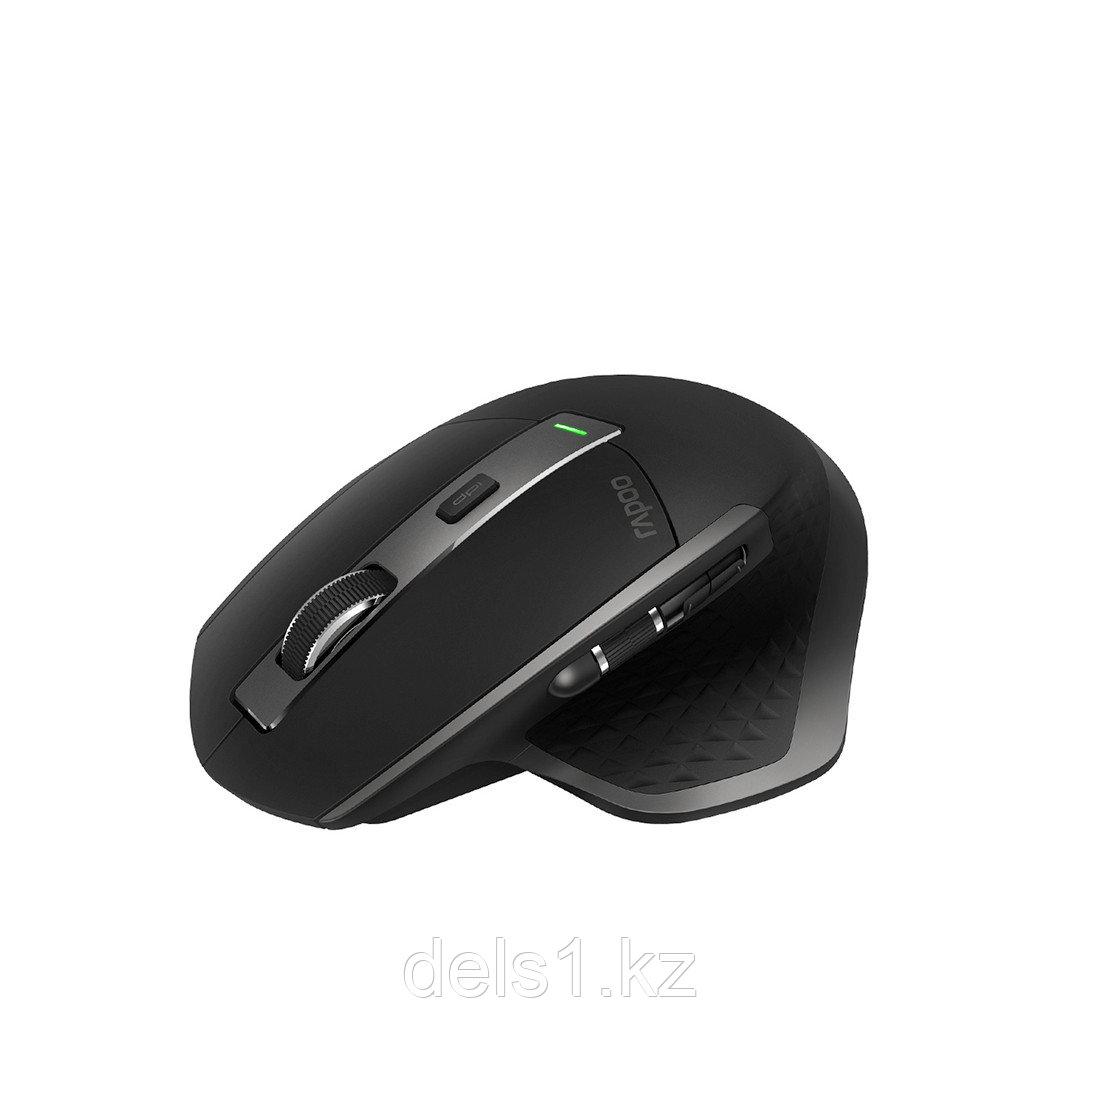 Мышь, Rapoo, MT750, Оптическая, колесо прокрутки,3200dpi, Bluetooth 3.0/4.0, Беспроводной 2.4 ГГц